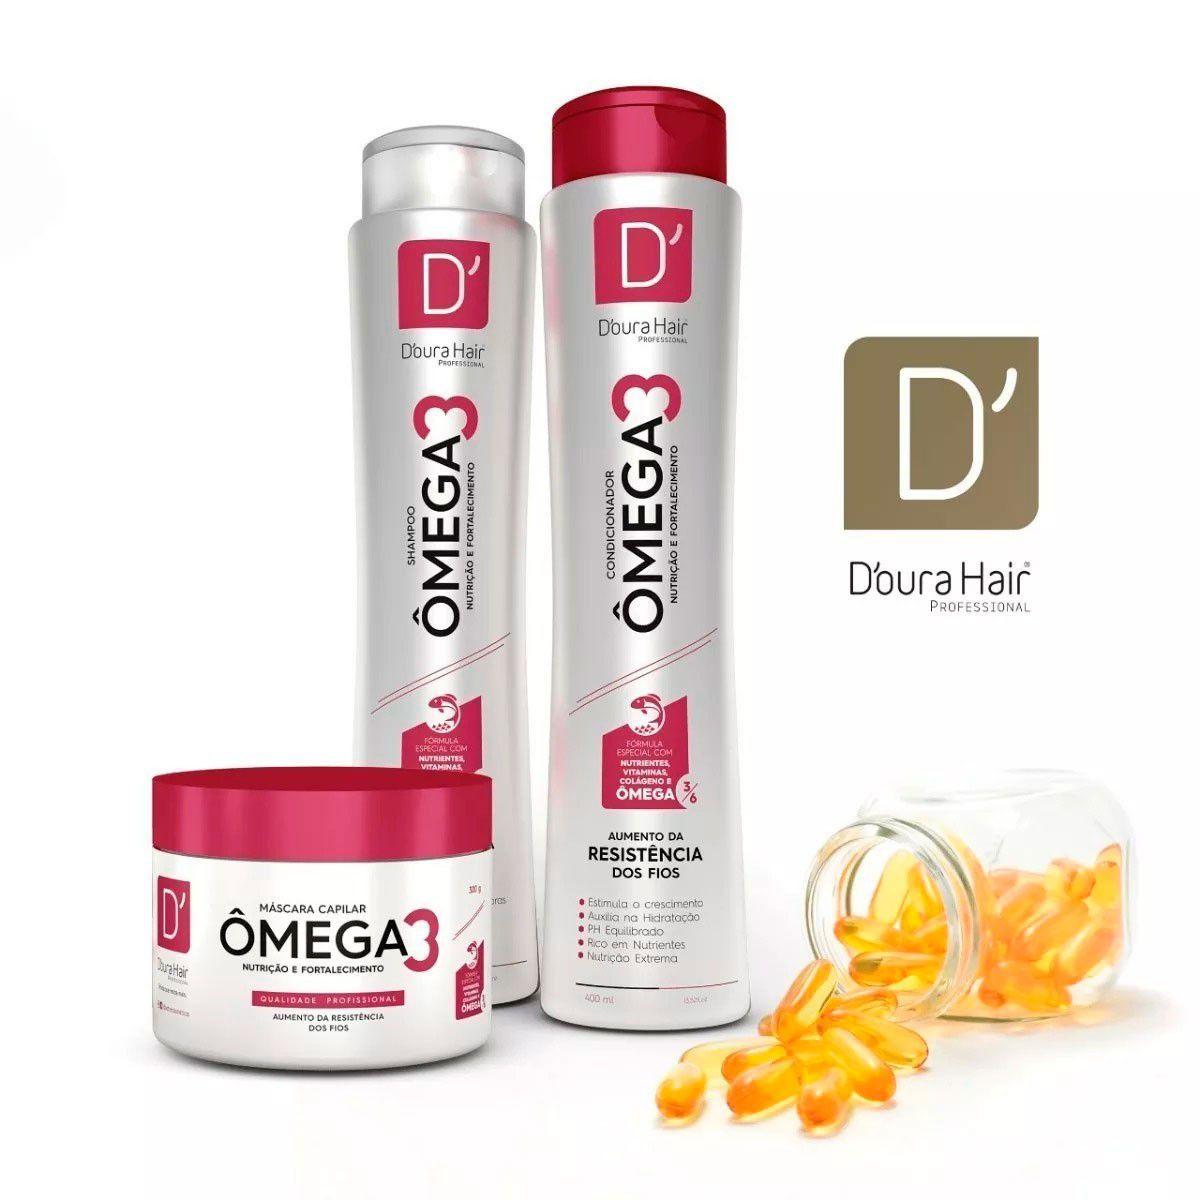 Kit Omega 3 D'oura Hair ( 3 itens)